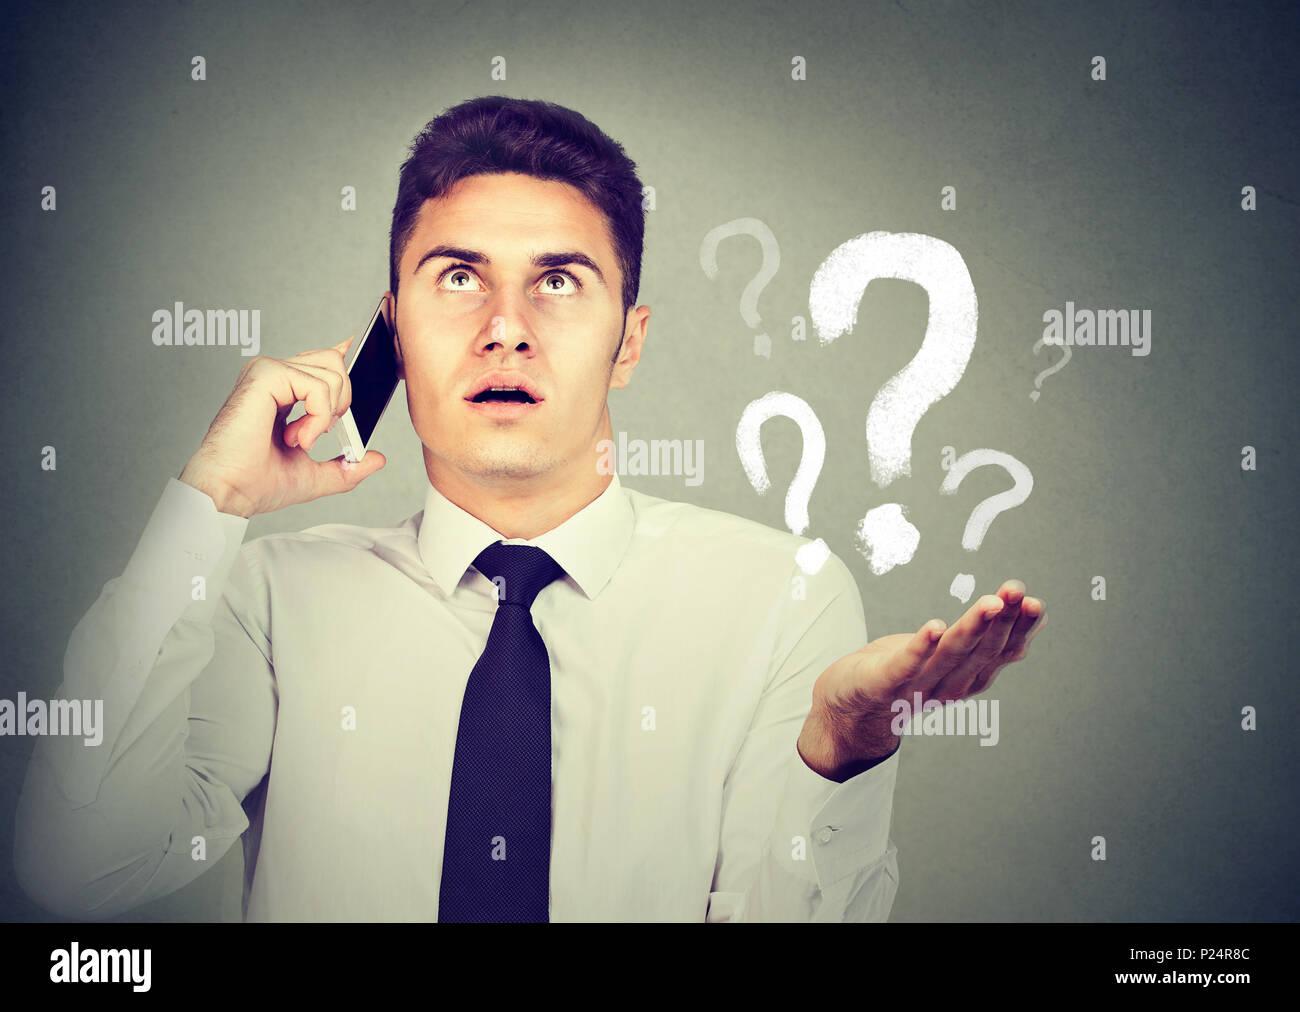 L'incompréhension et l'appel lointain concept. Bouleversé ennuyé young man talking on mobile phone a beaucoup de questions isolé sur fond gris. Photo Stock